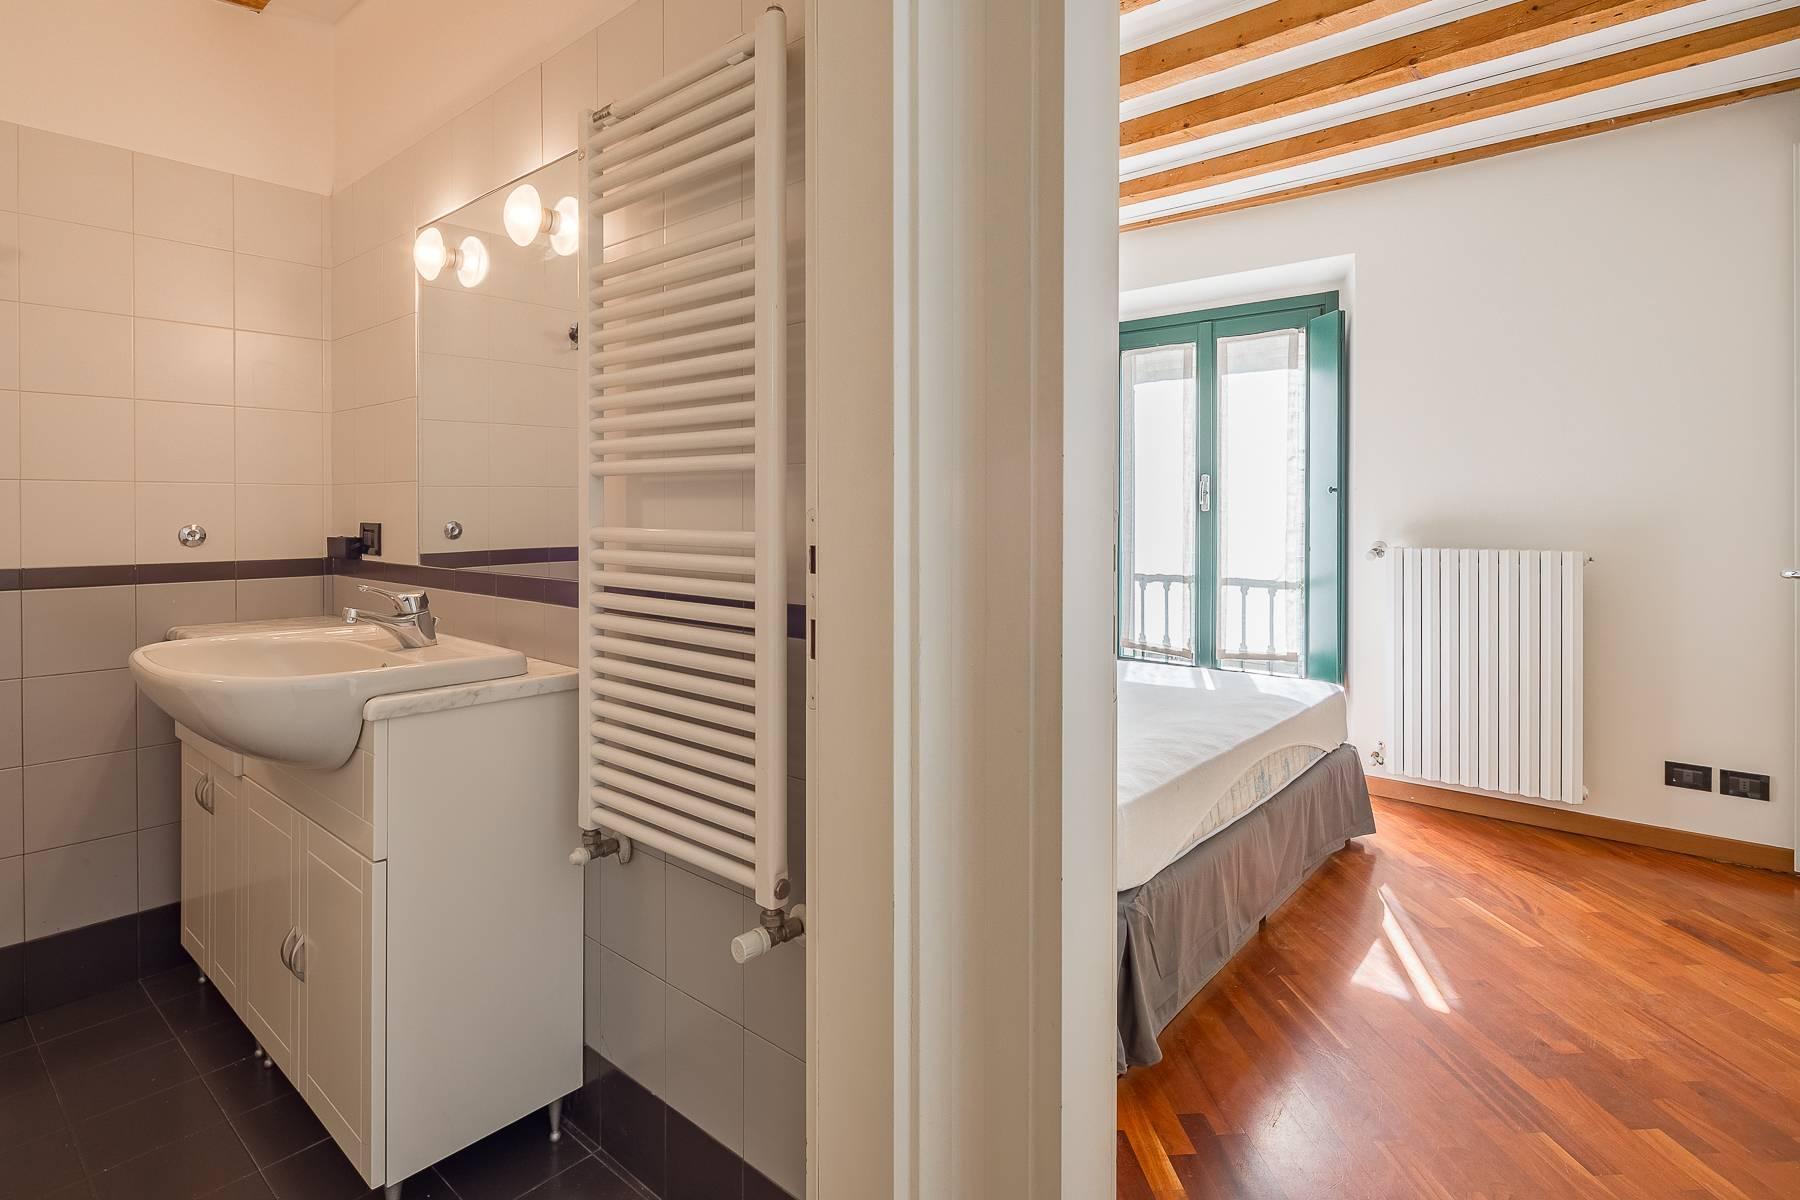 Renovierte Zwei-zimmer wohnung im Stadtviertel Navigli - 13